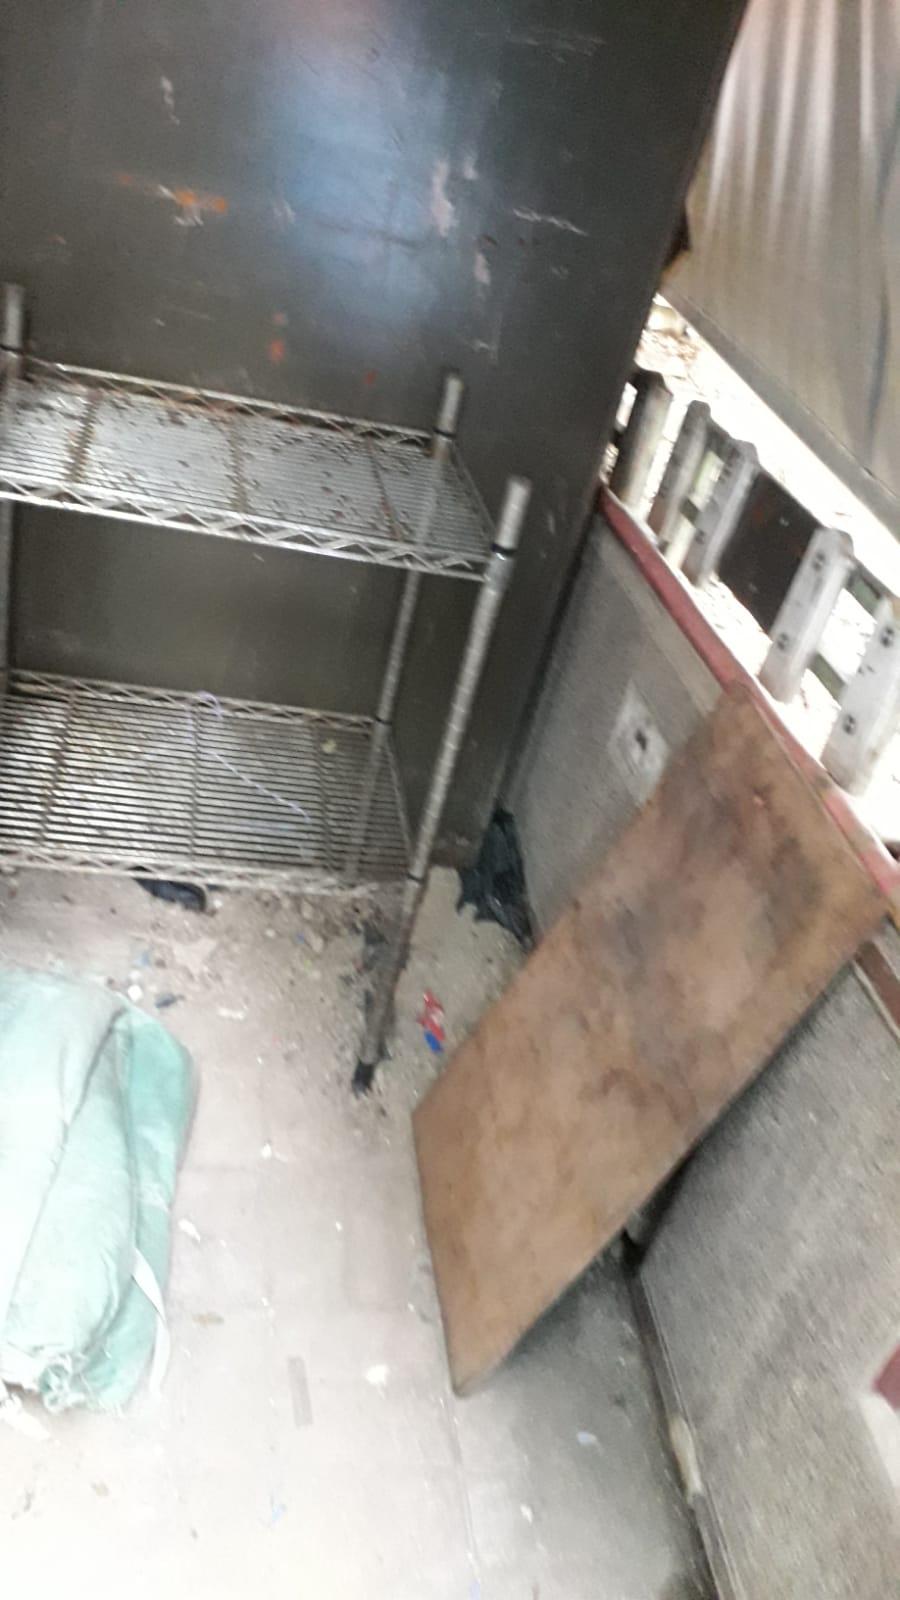 旺角青關會擺放污衊橫幅的倉,已經搬空。(張成/大紀元)